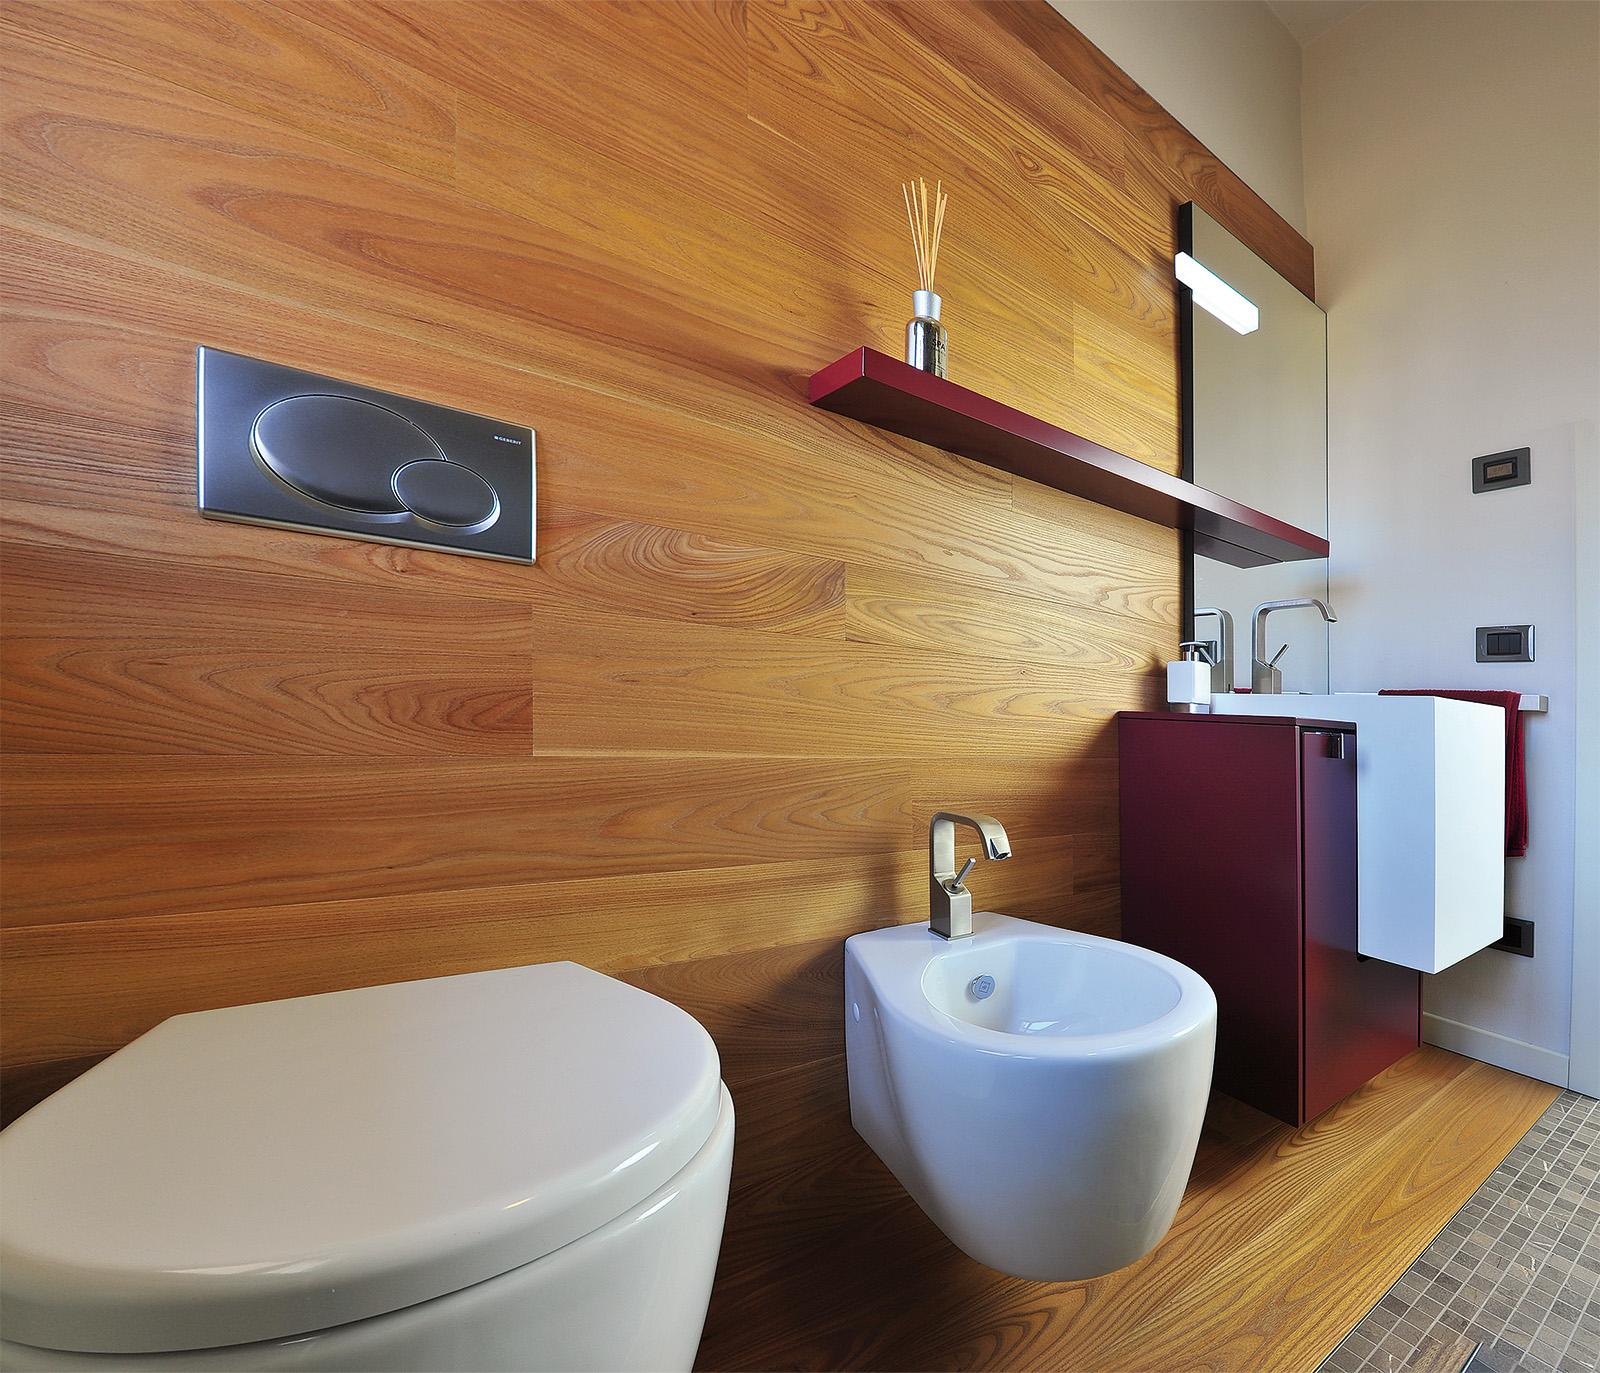 Altezza del rivestimento bagno alcuni consigli bagnolandia for Bagni in legno e pietra